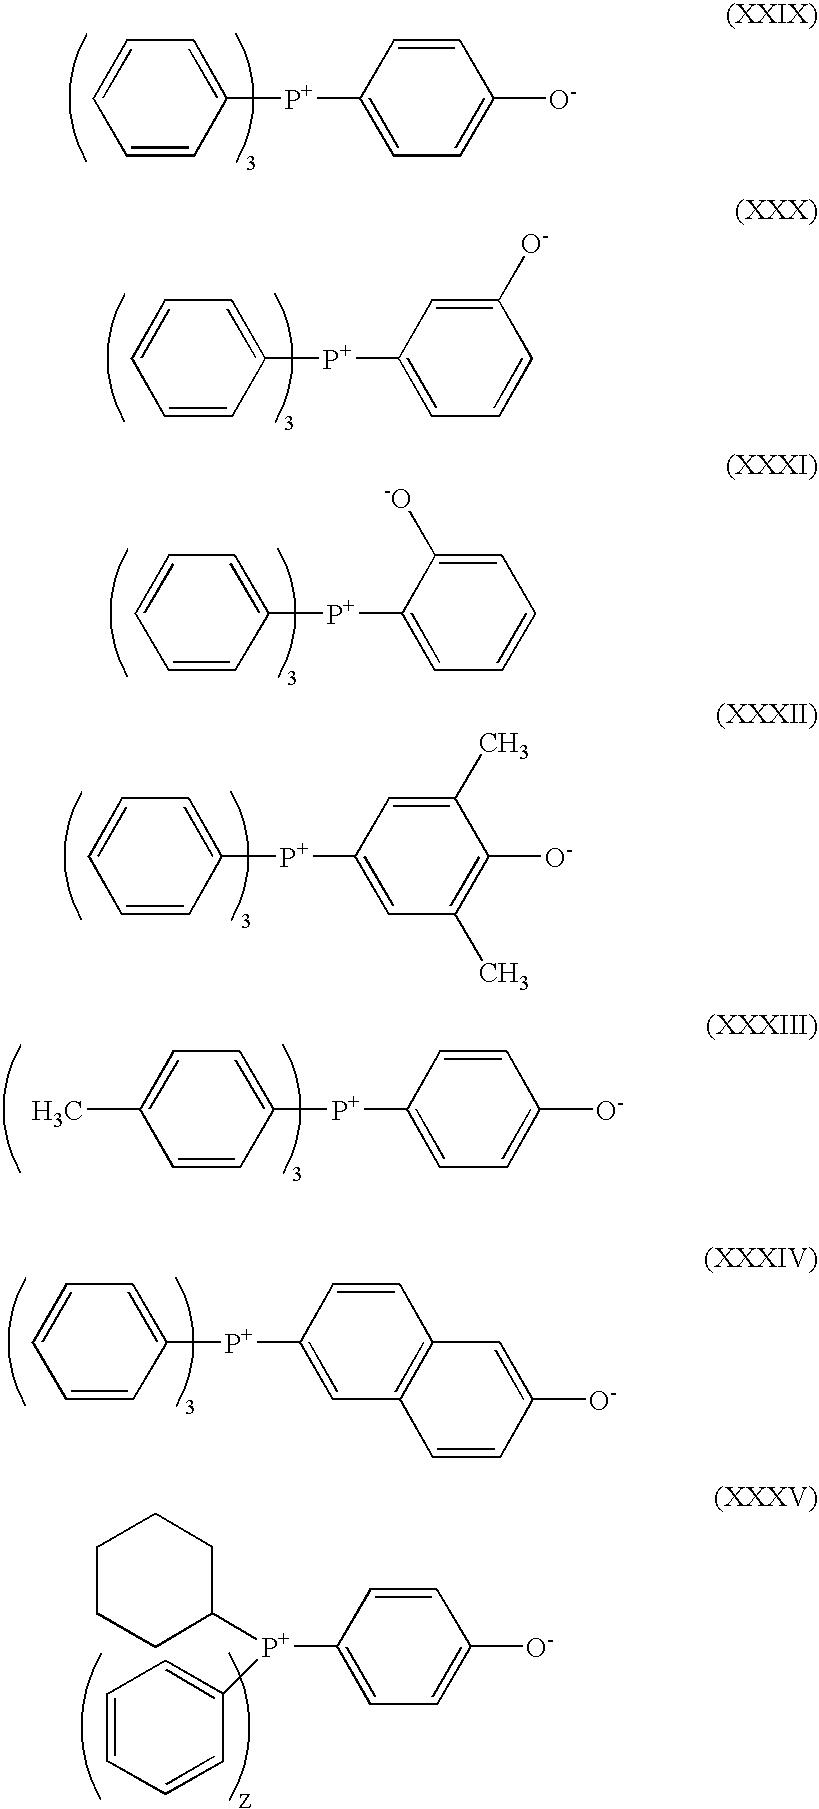 Figure US20050267286A1-20051201-C00024